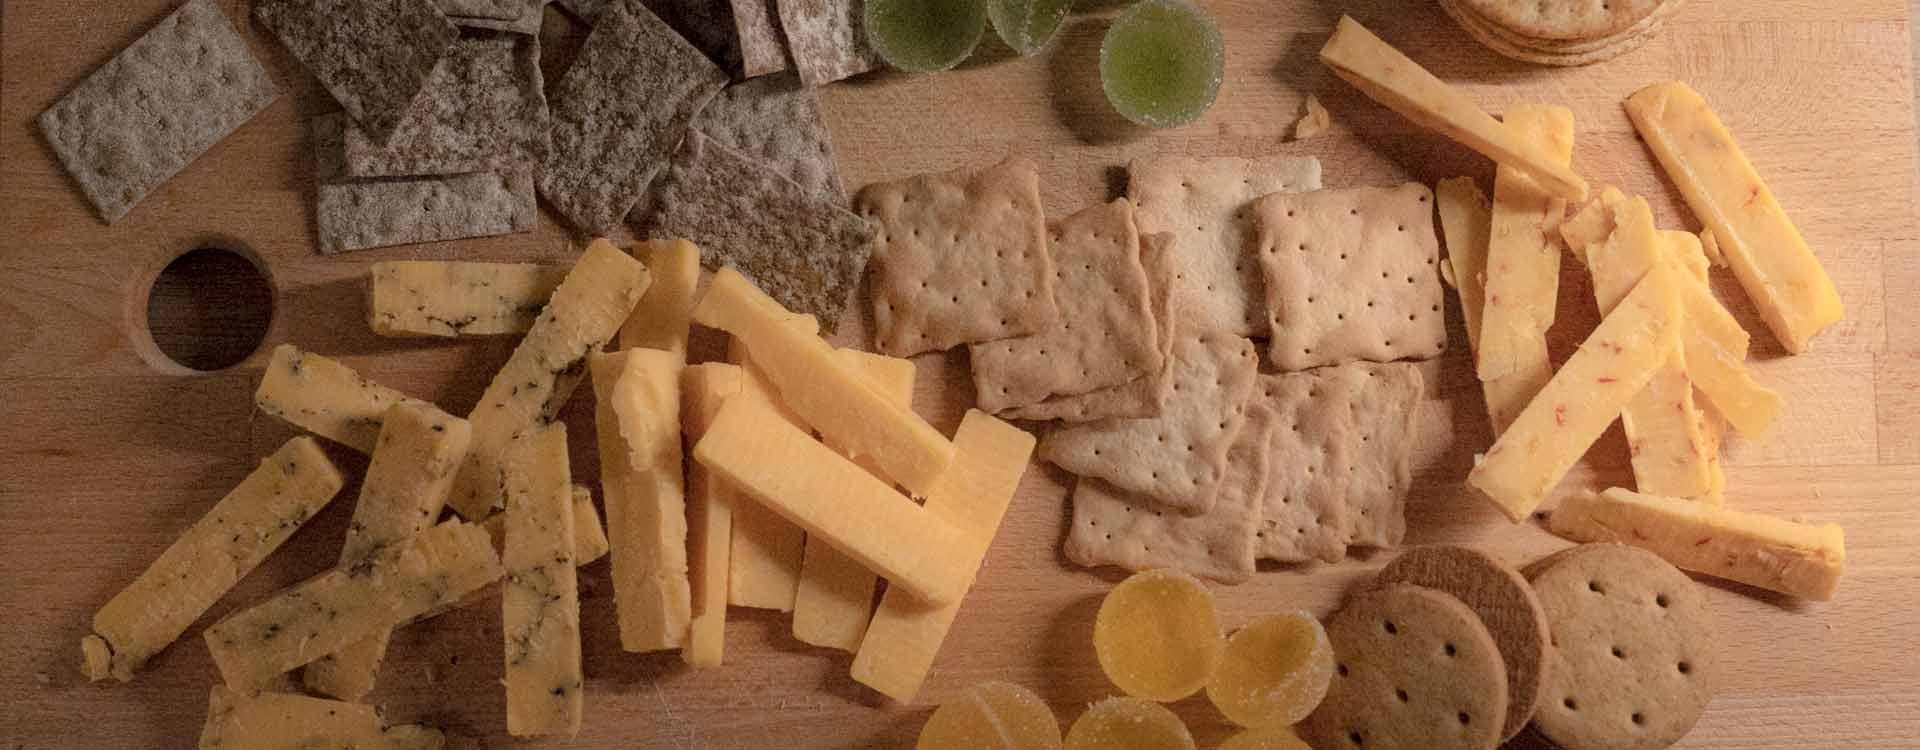 Aito Cheddar juustolautanen / juustotarjotin